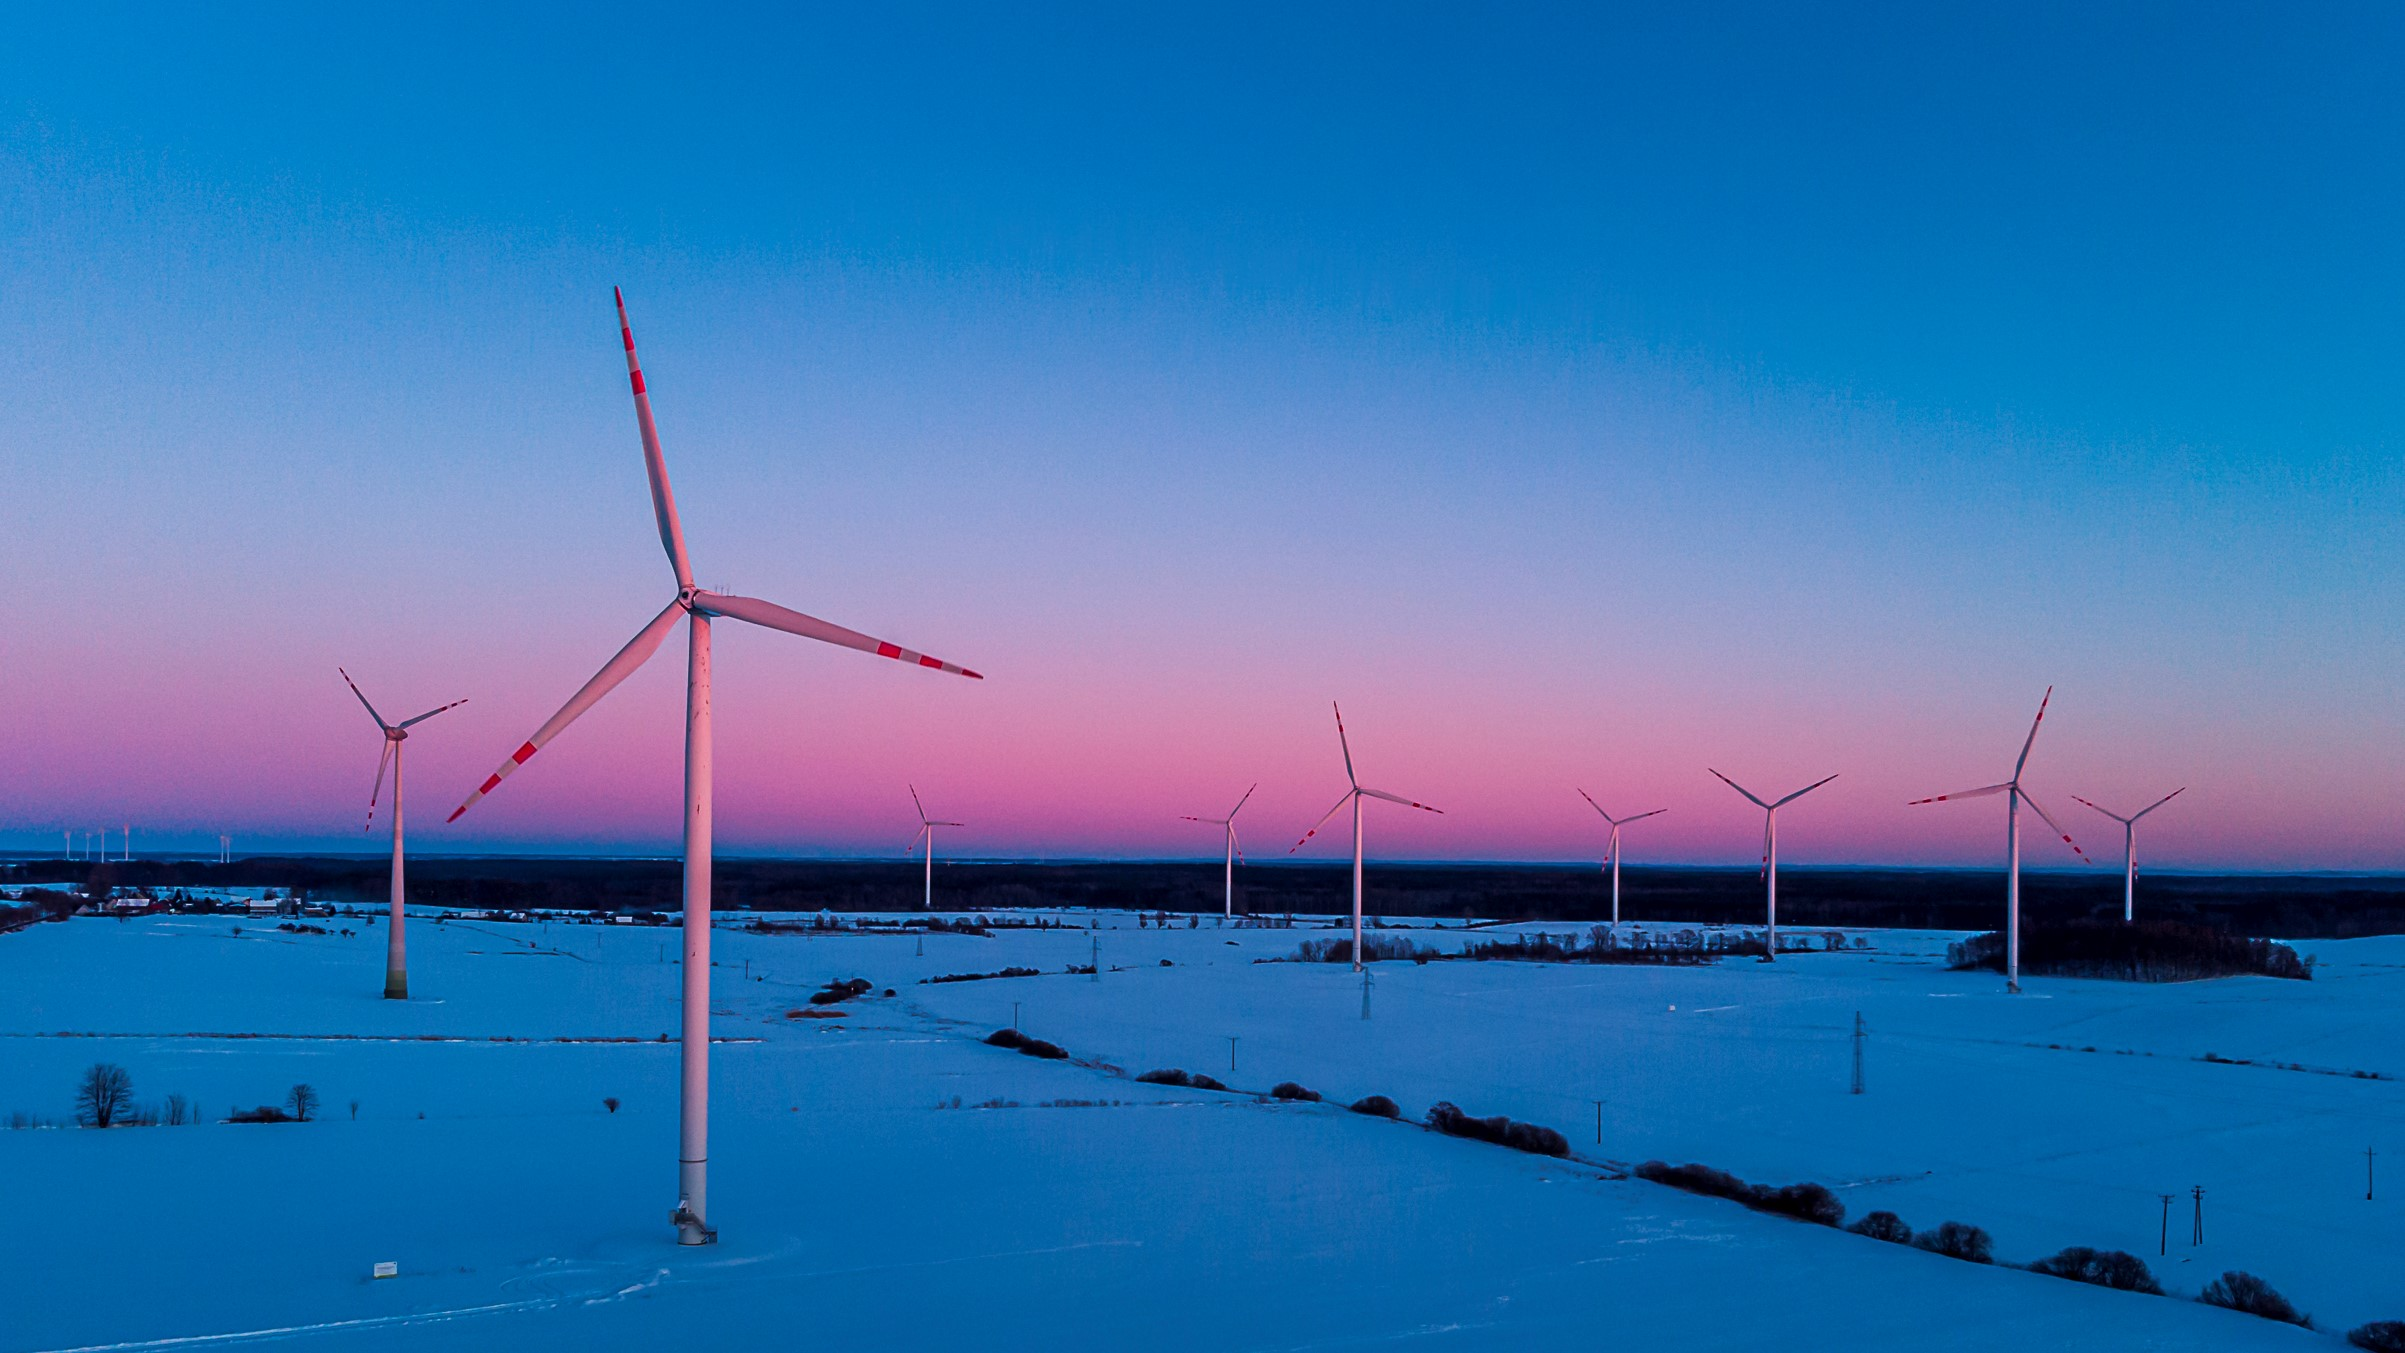 ORLEN kupił farmę wiatrową o mocy 20 MW  - Zdjęcie główne